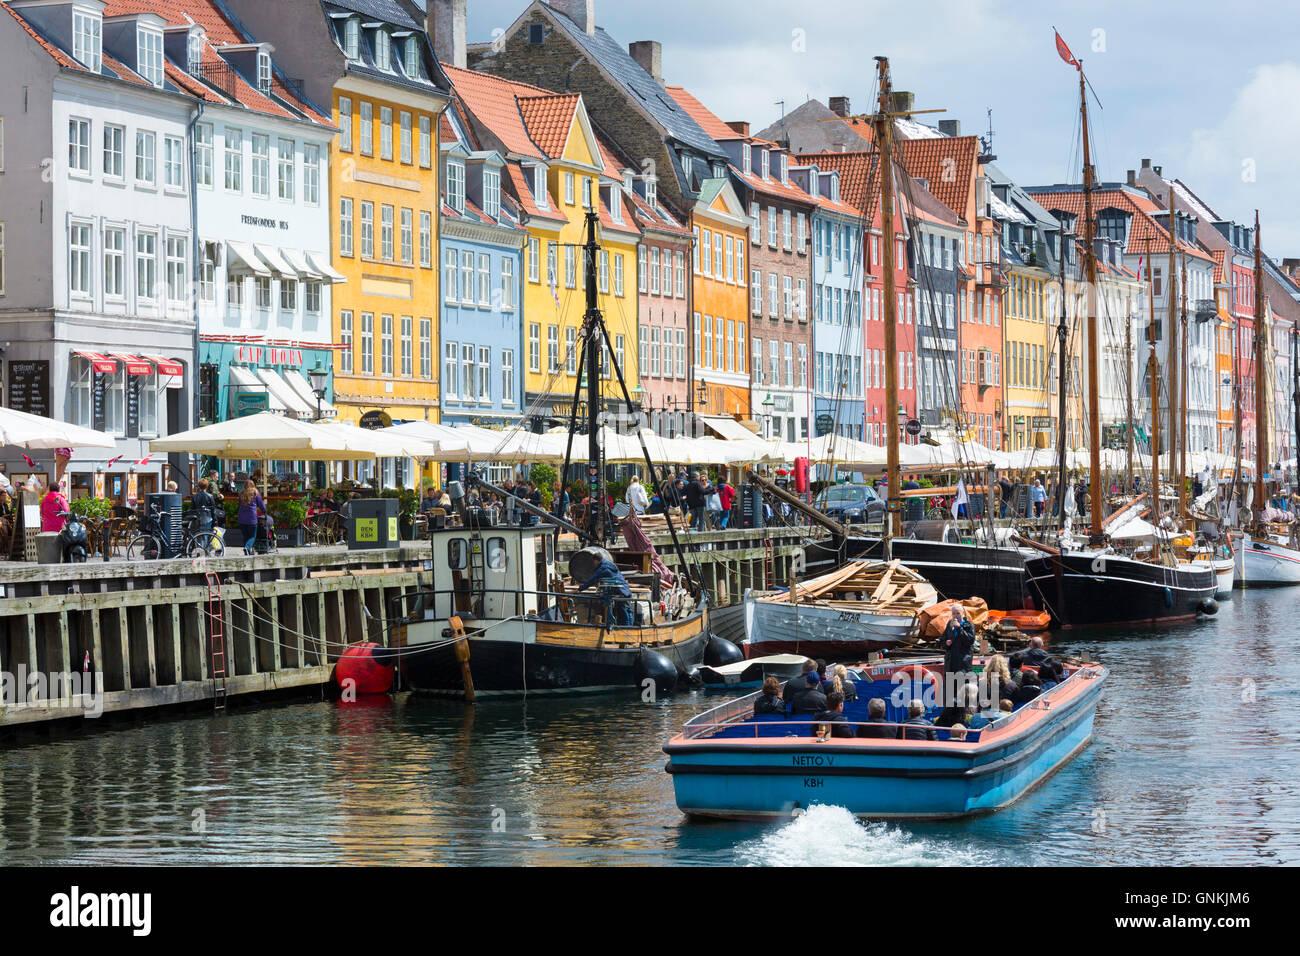 Bateaux à voile au célèbre du 17ème siècle, Nyhavn canal front de mer et de divertissement Photo Stock